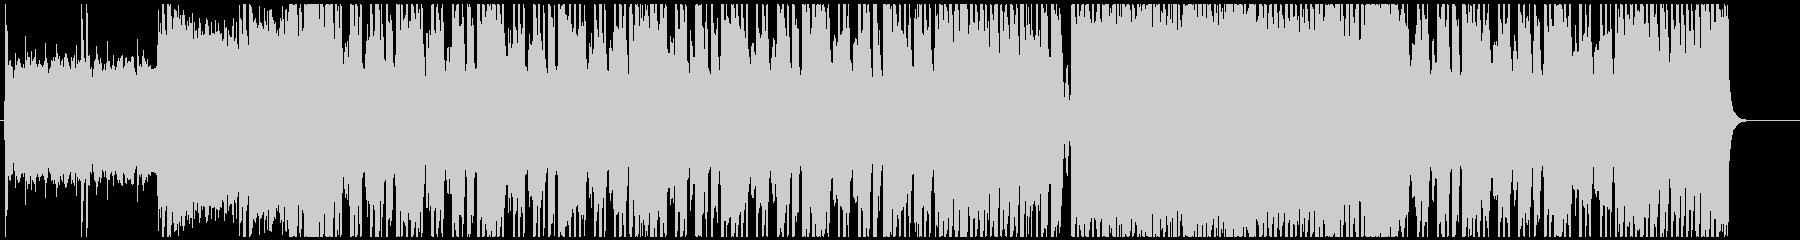 説得力のあるミドルテンポのギターロックの未再生の波形